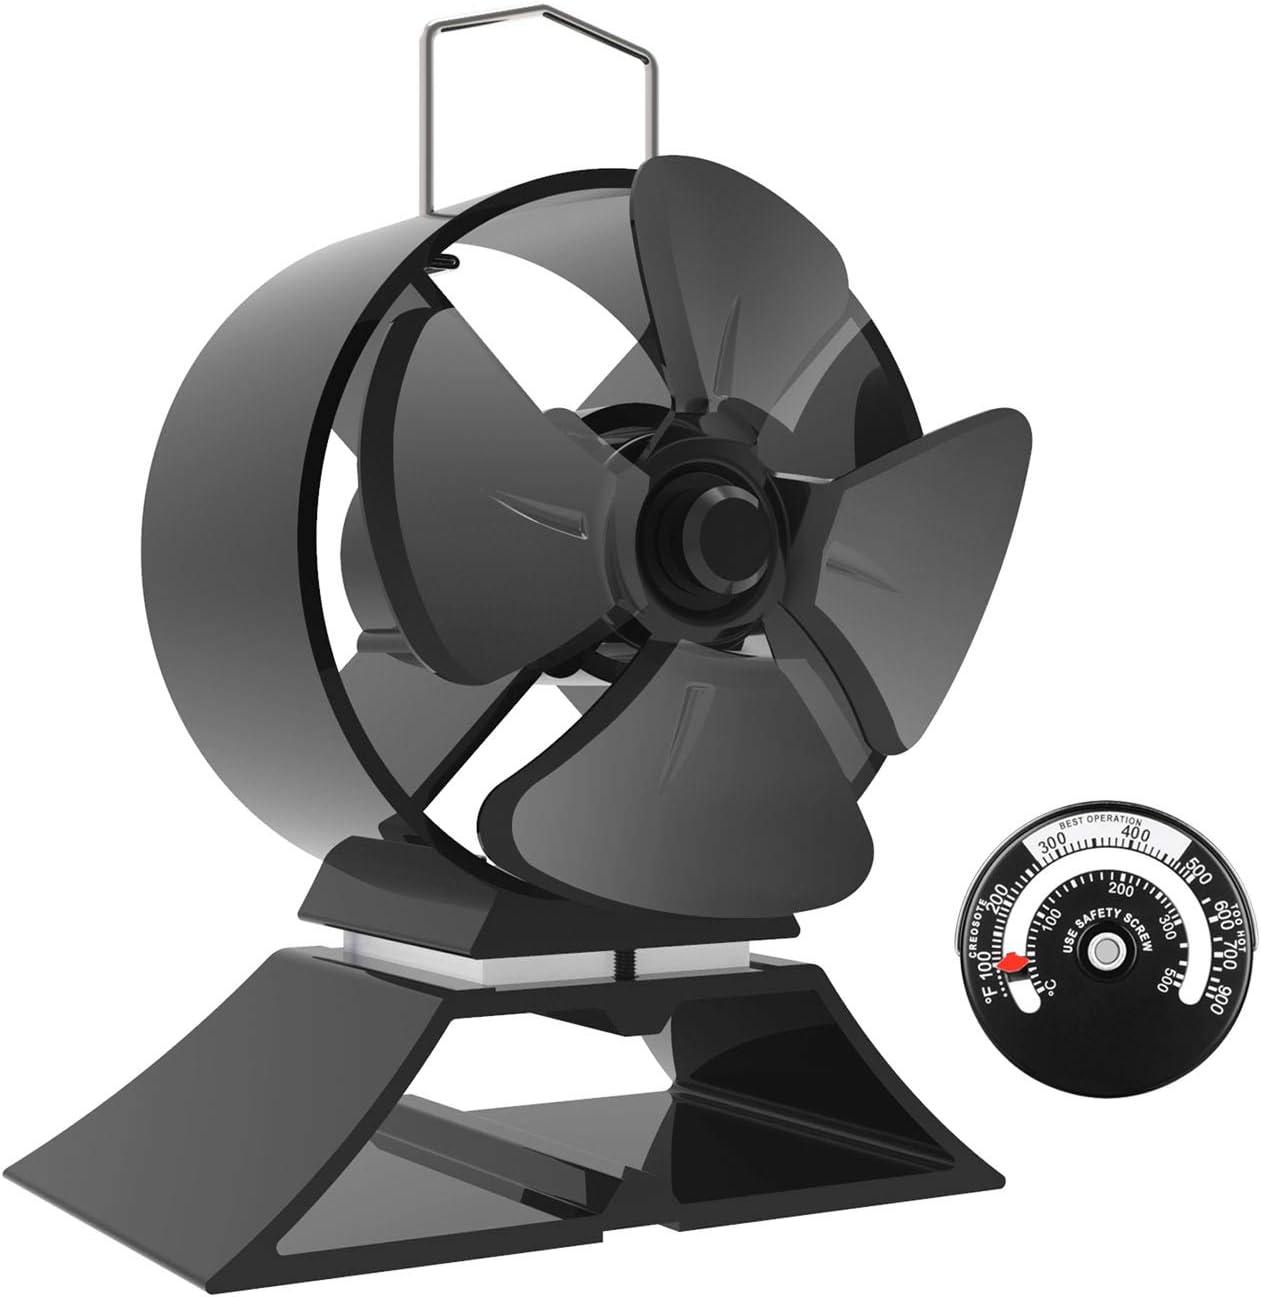 Mini Ventilador de Estufa - 4 cuchillas Operación silenciosa Ventilador de estufa de calor para leña/estufa de leña/chimenea -Respetuoso del medio ambiente[Clase energética A +++]